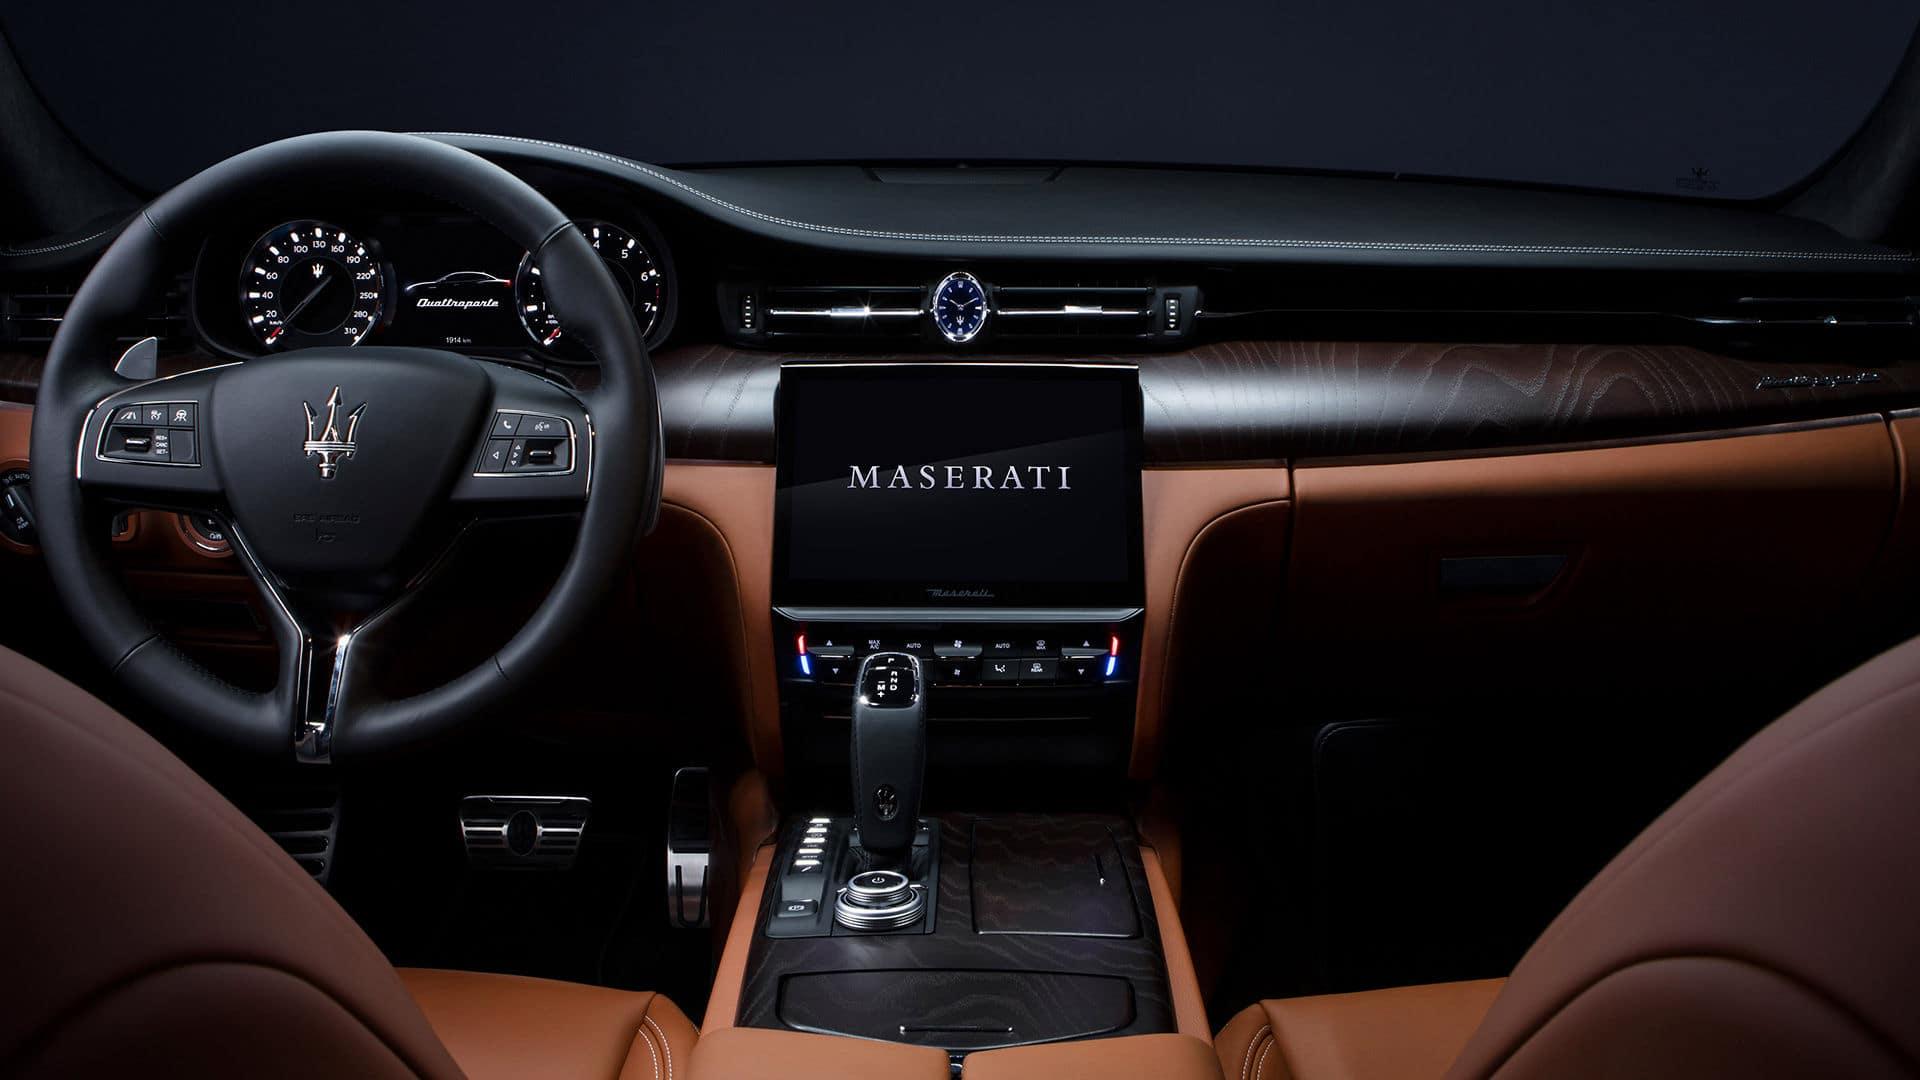 2021 Maserati Quattroporte Dashboard